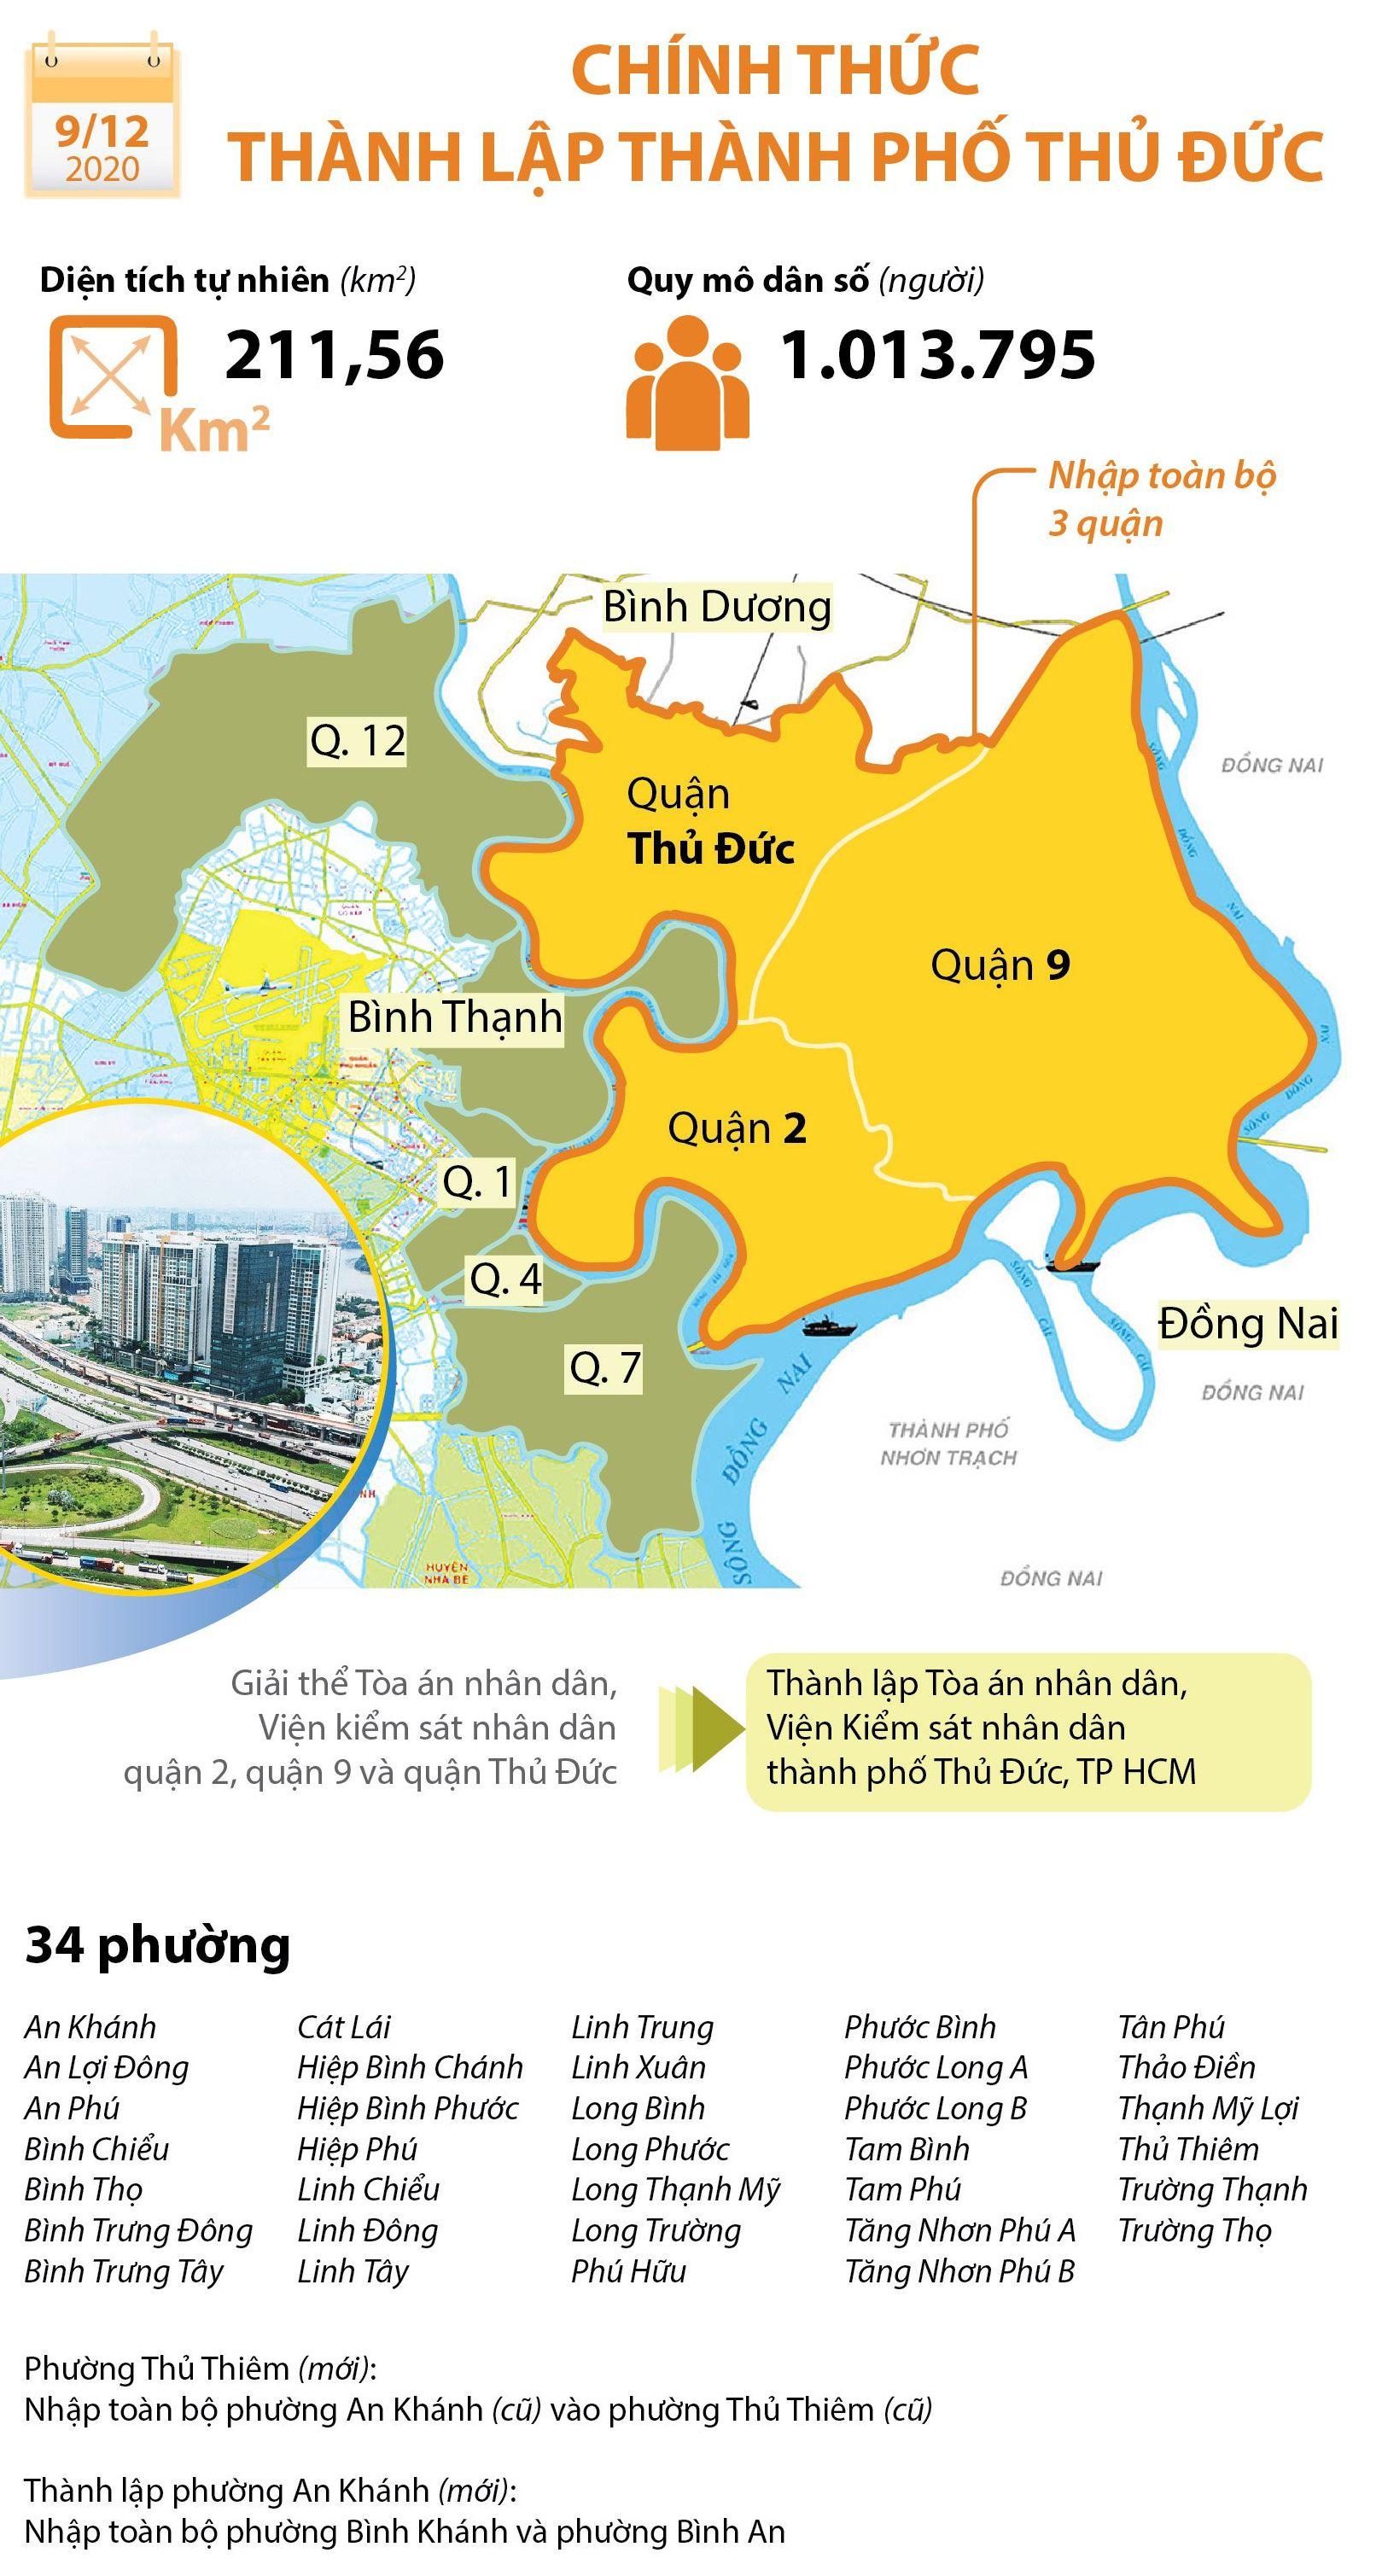 Danh sách 34 phường của thành phố Thủ Đức vừa được thành lập